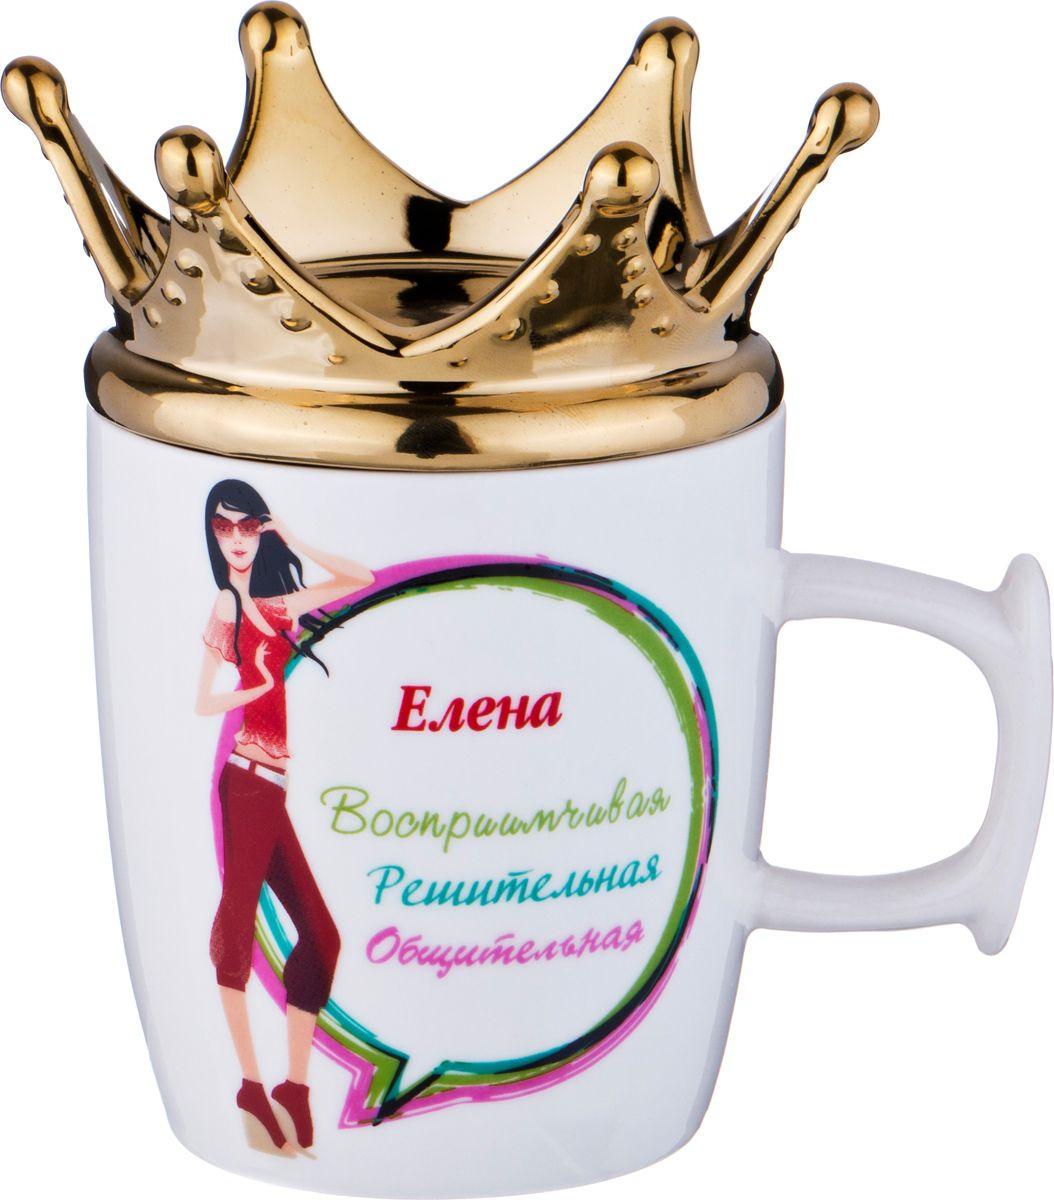 Кружка столовая Lefard Елена-королева, 383-686, мультиколор, 300 мл383-686КРУЖКА ЕЛЕНА-КОРОЛЕВА 300МЛ